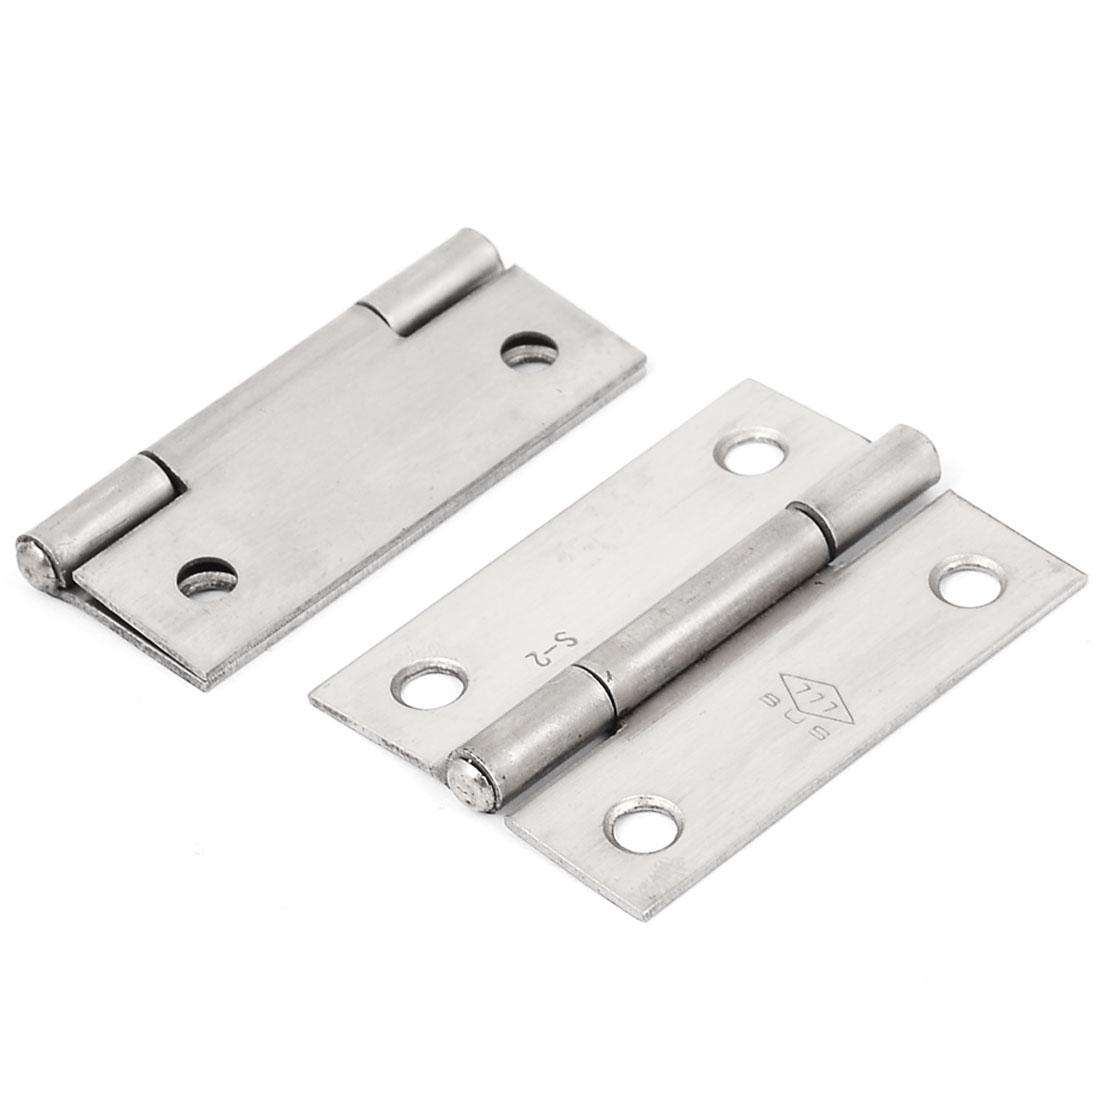 53mmx38mm Stainless Steel Rectangular Folding Closet Cabinet Door Butt Hinge 2pcs